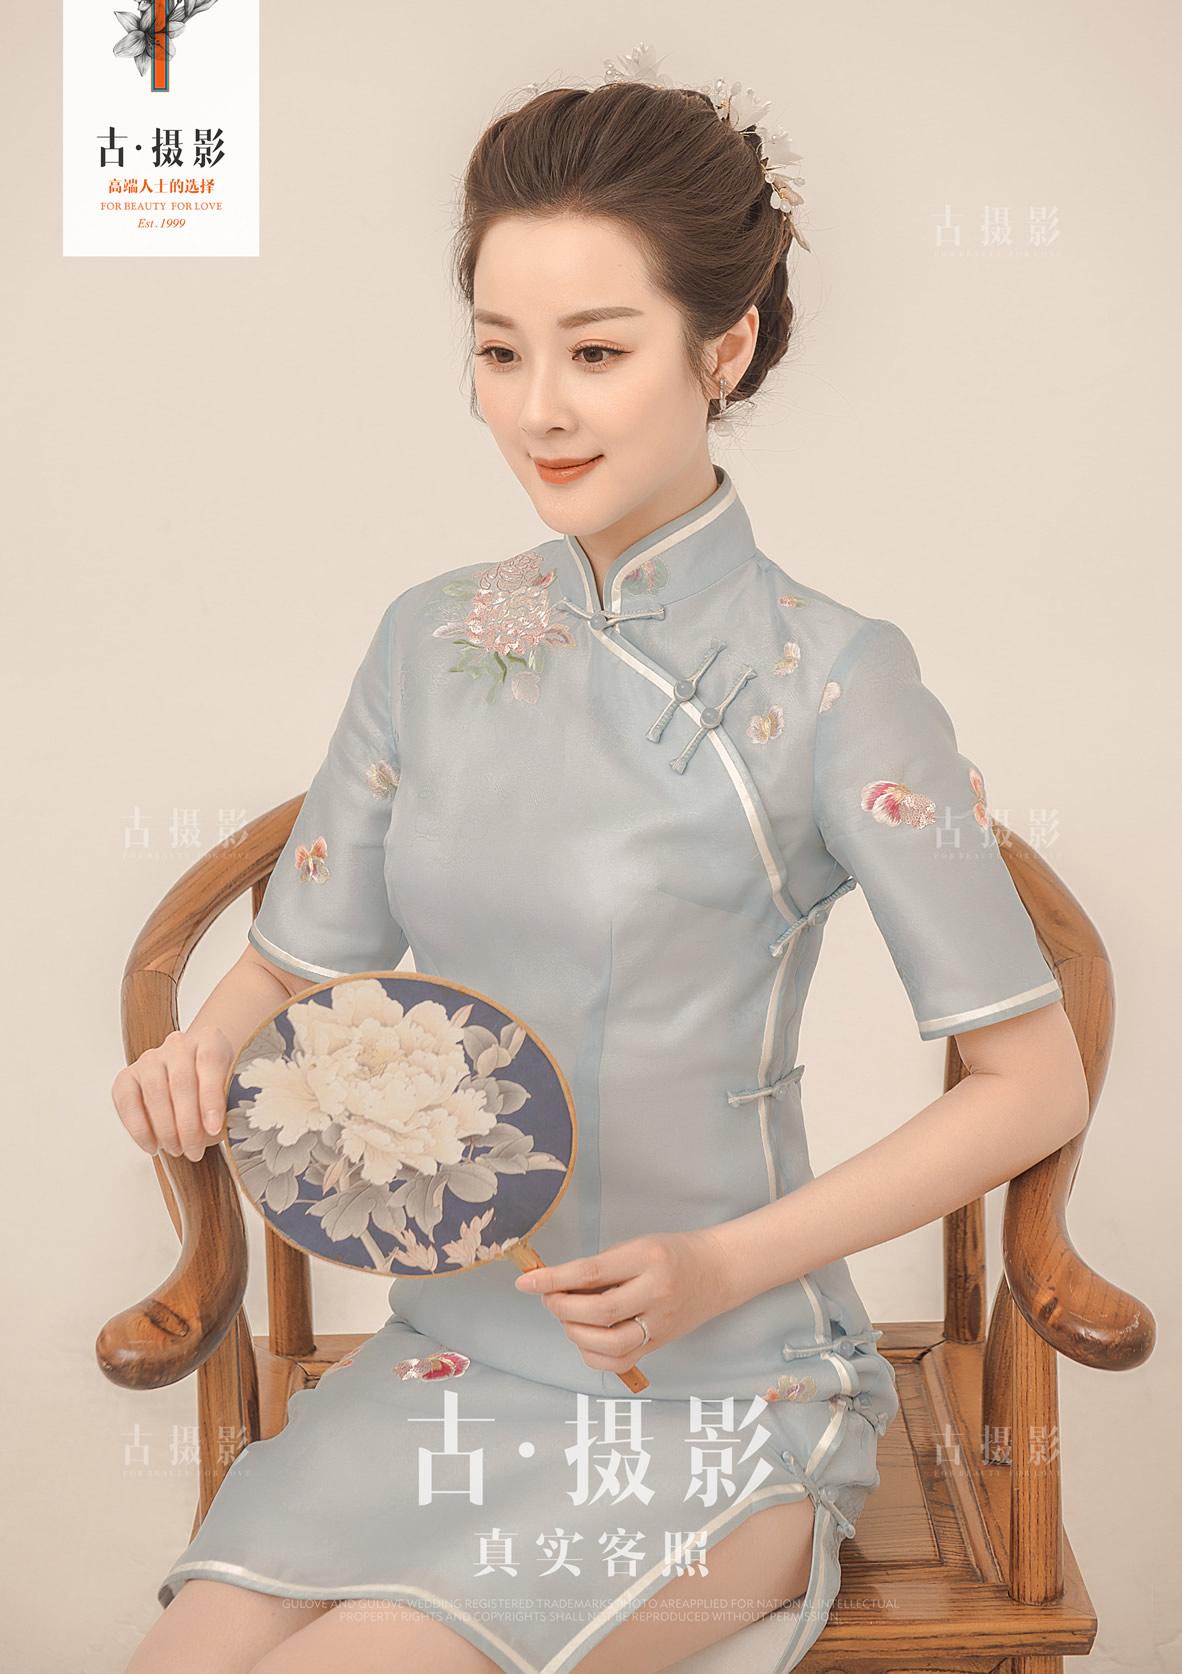 9月28日客片邬小姐 傅先生 - 每日客照 - love上海古摄影-上海婚纱摄影网